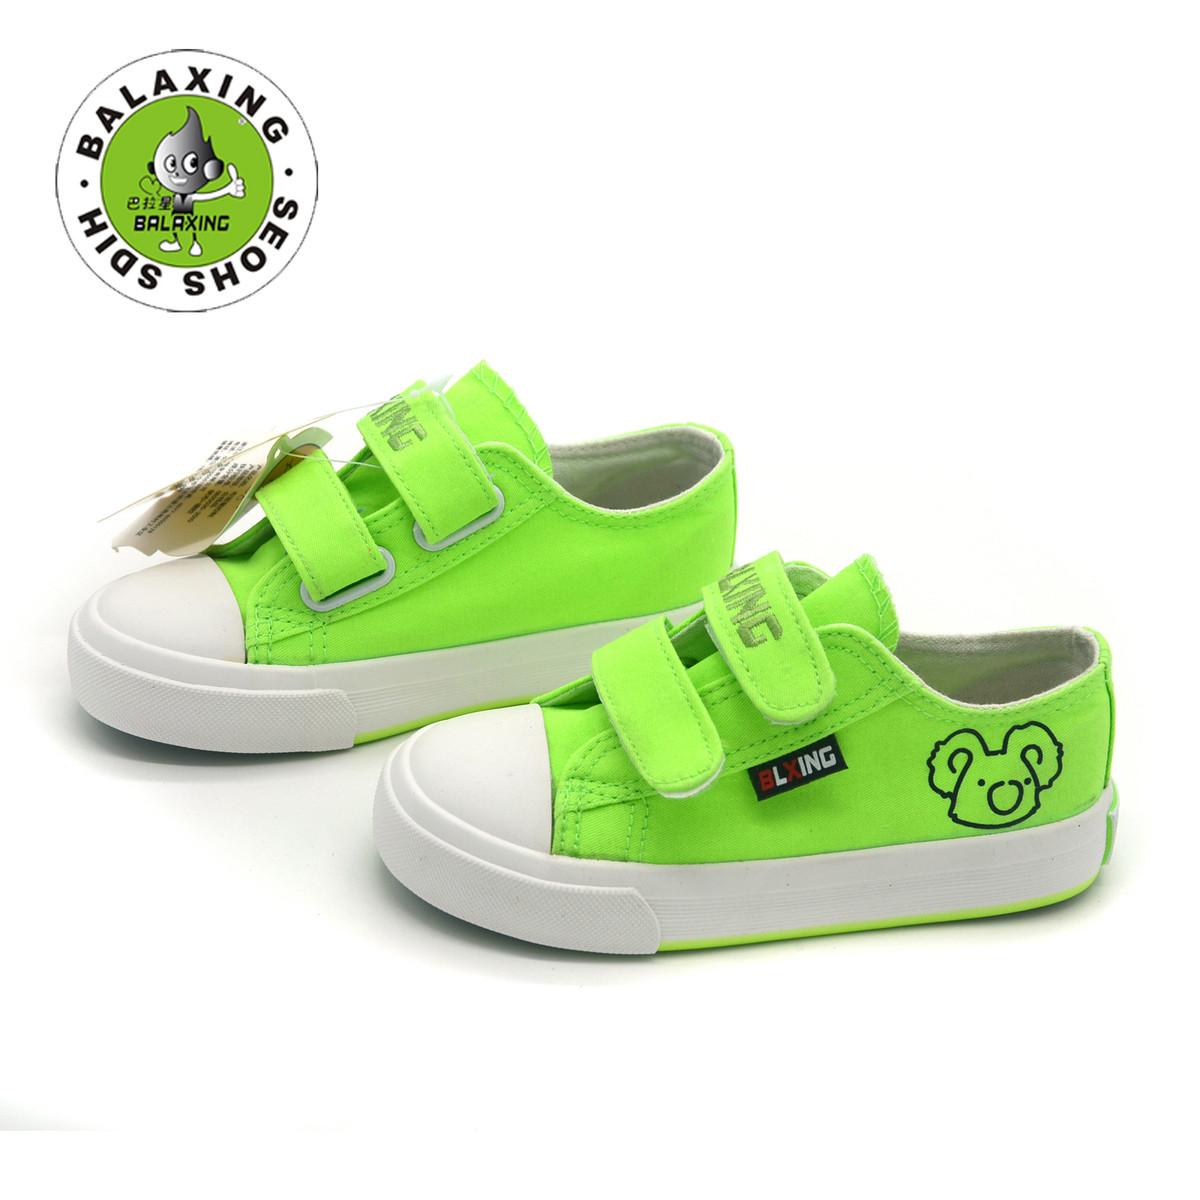 品牌童鞋白色男童帆布鞋大童荧光绿休闲韩版女童魔术贴平底糖果